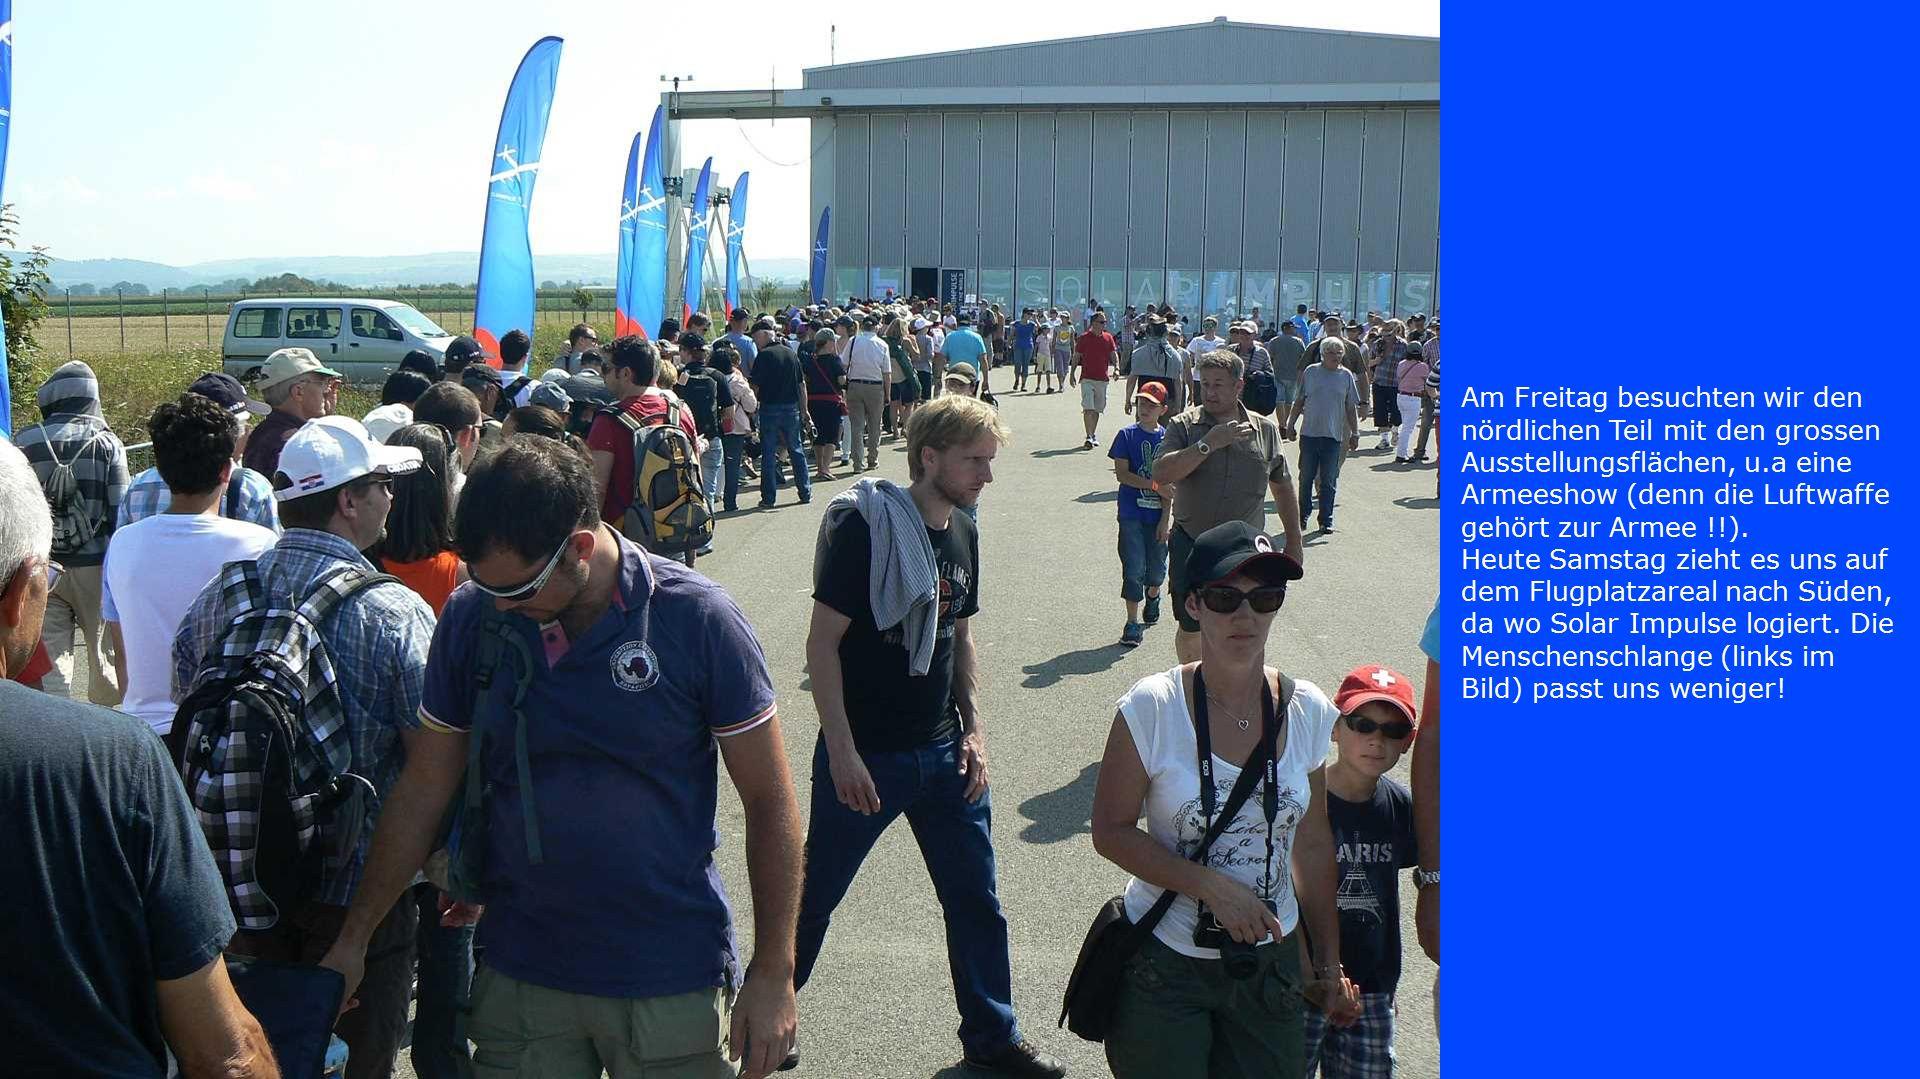 Am Freitag besuchten wir den nördlichen Teil mit den grossen Ausstellungsflächen, u.a eine Armeeshow (denn die Luftwaffe gehört zur Armee !!).